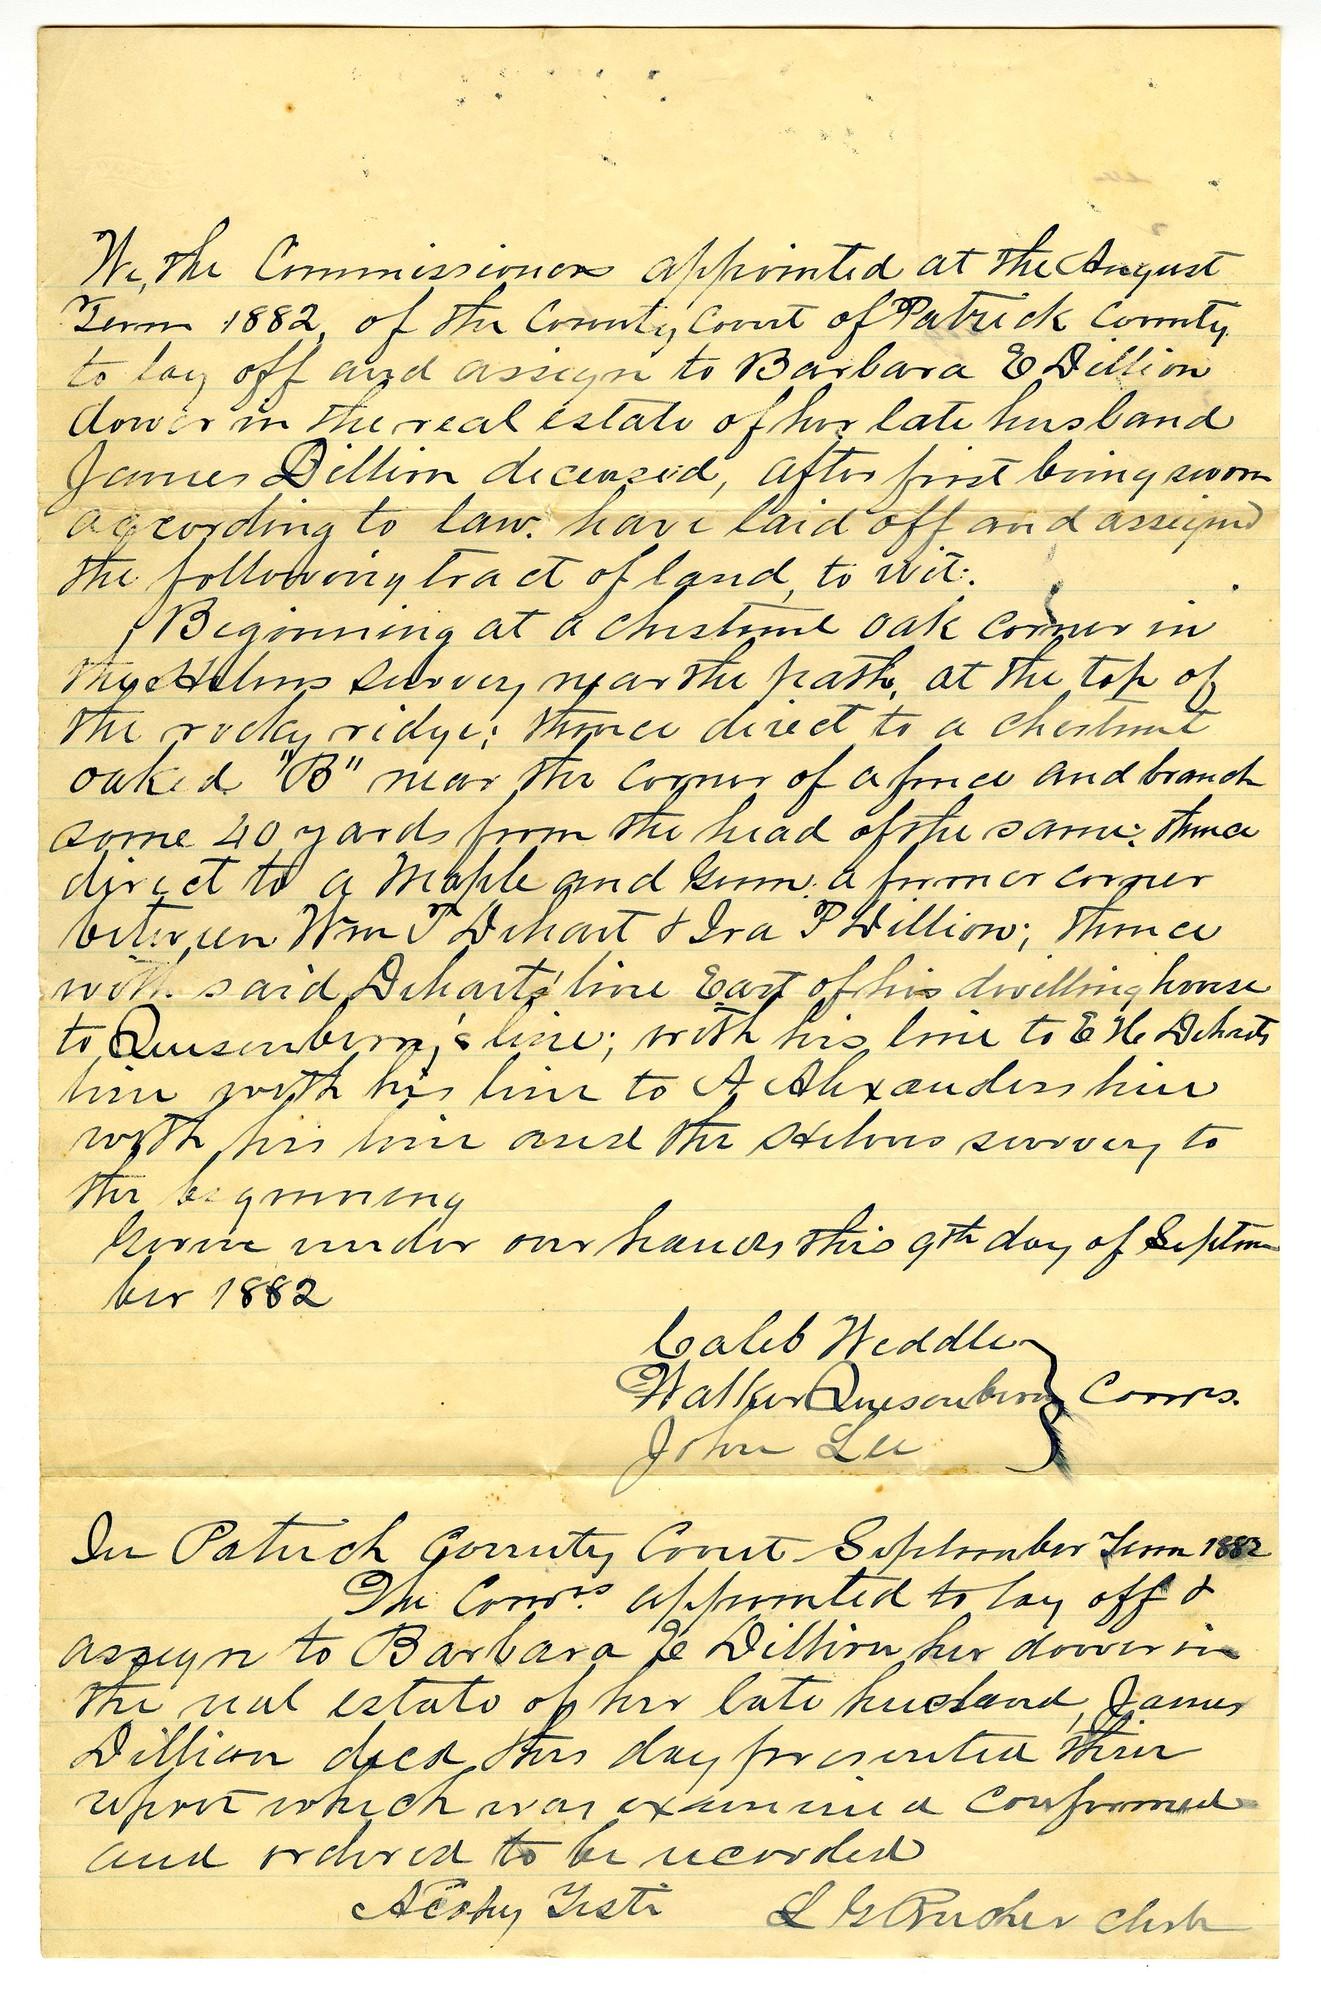 Ms1998_001_HuffHylton_RealEstateDocument_1882_0909.jpg